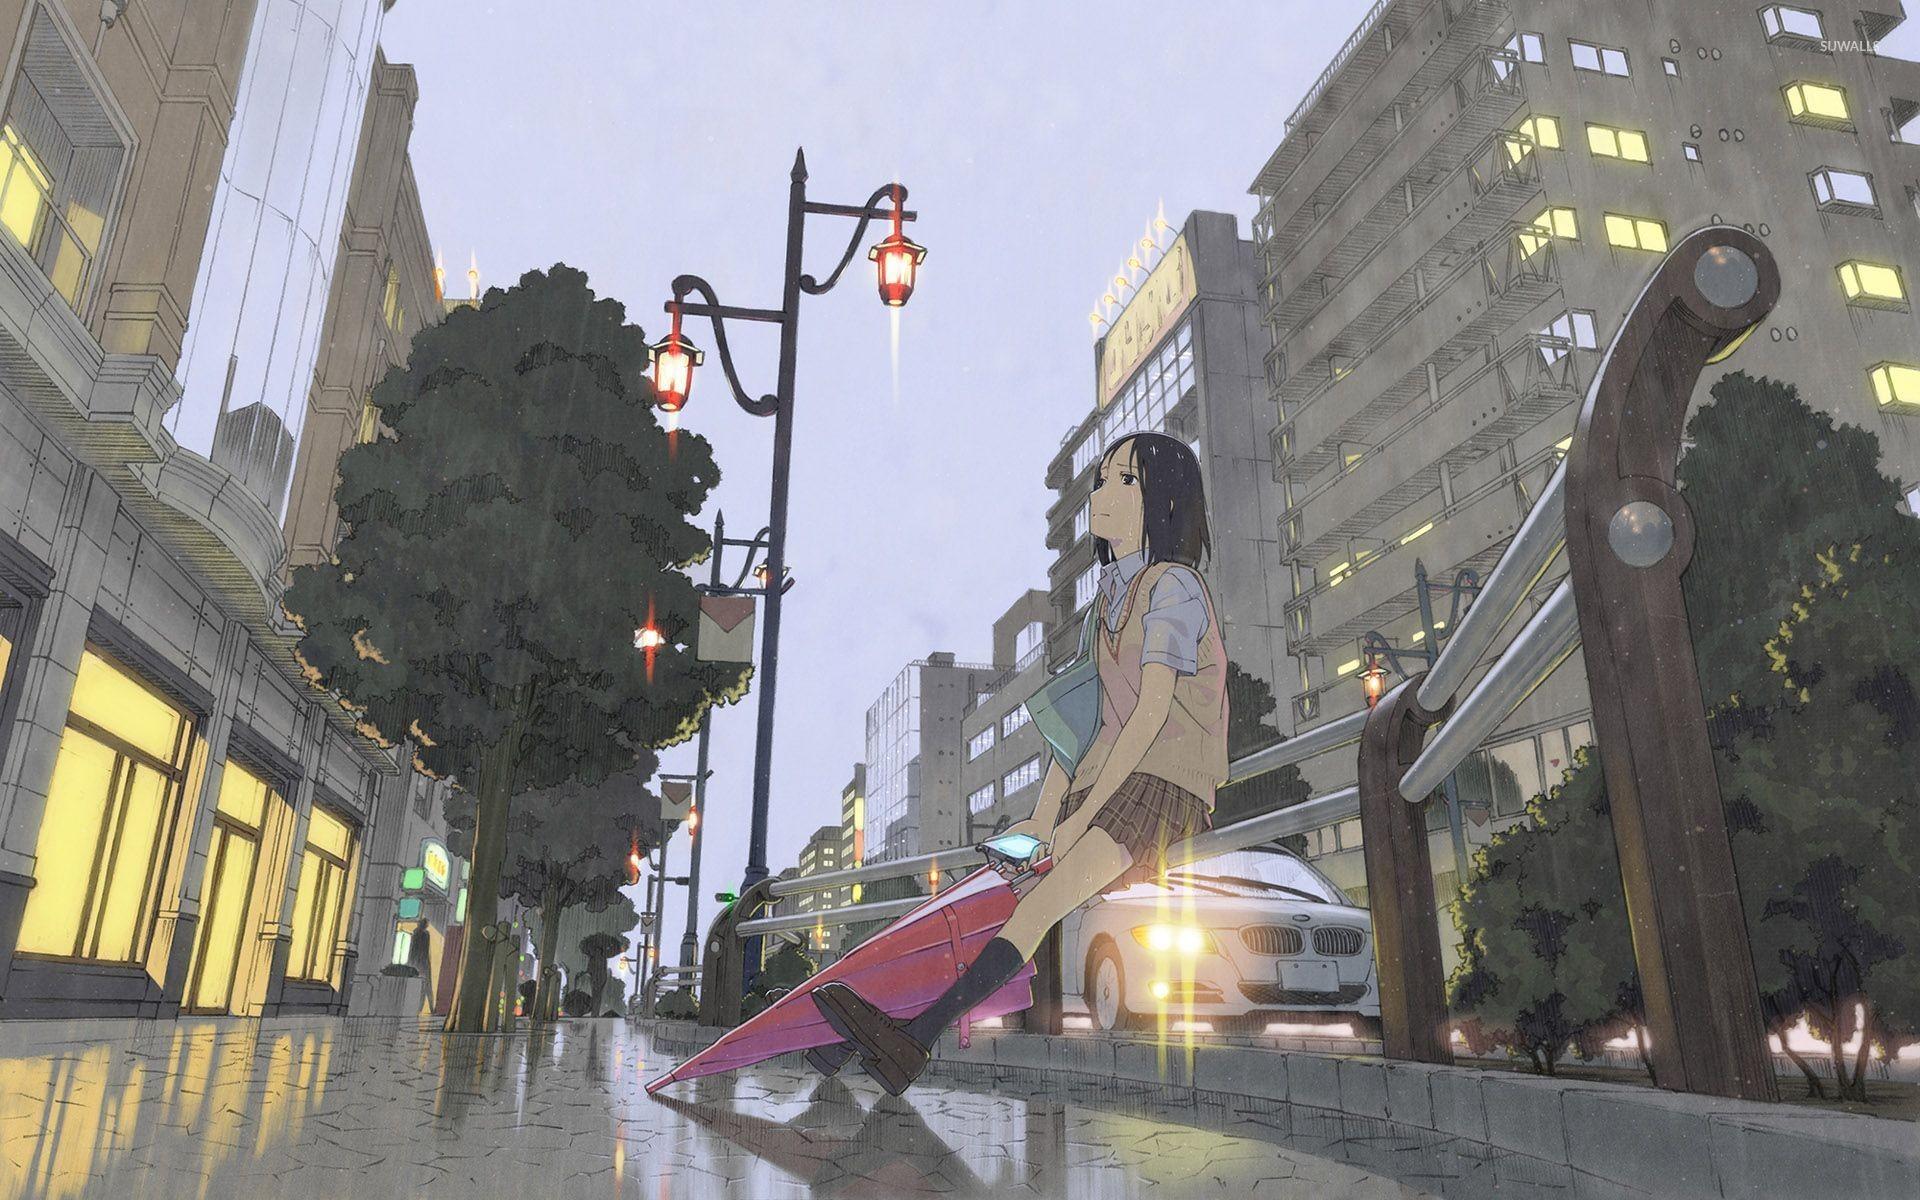 Res: 1920x1200, Sad schoolgirl in the rain wallpaper